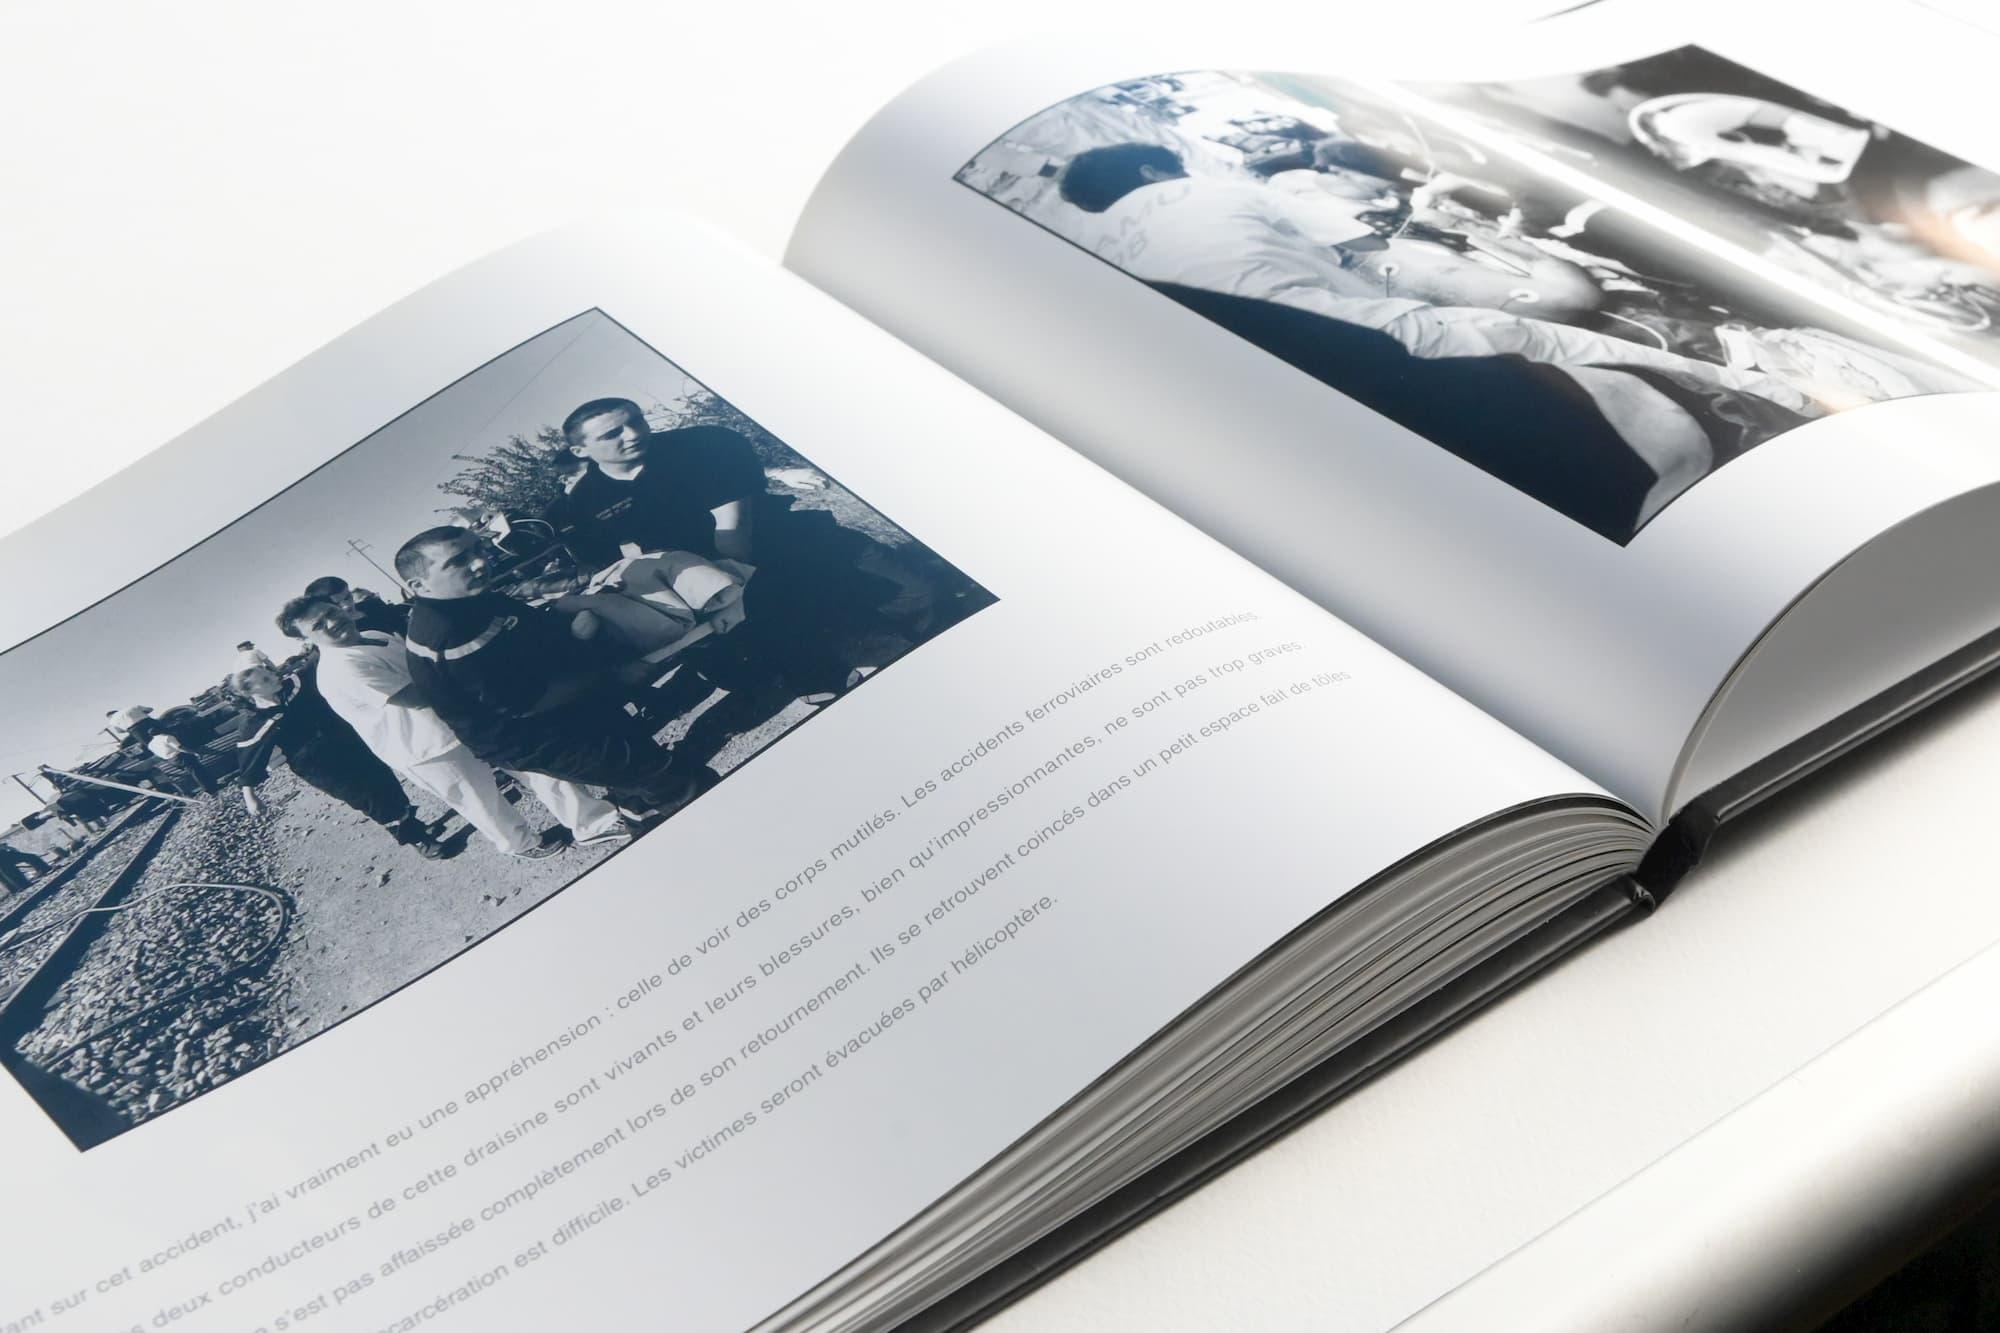 Création, mise en page et retouche d'image d'un livre noir et blanc